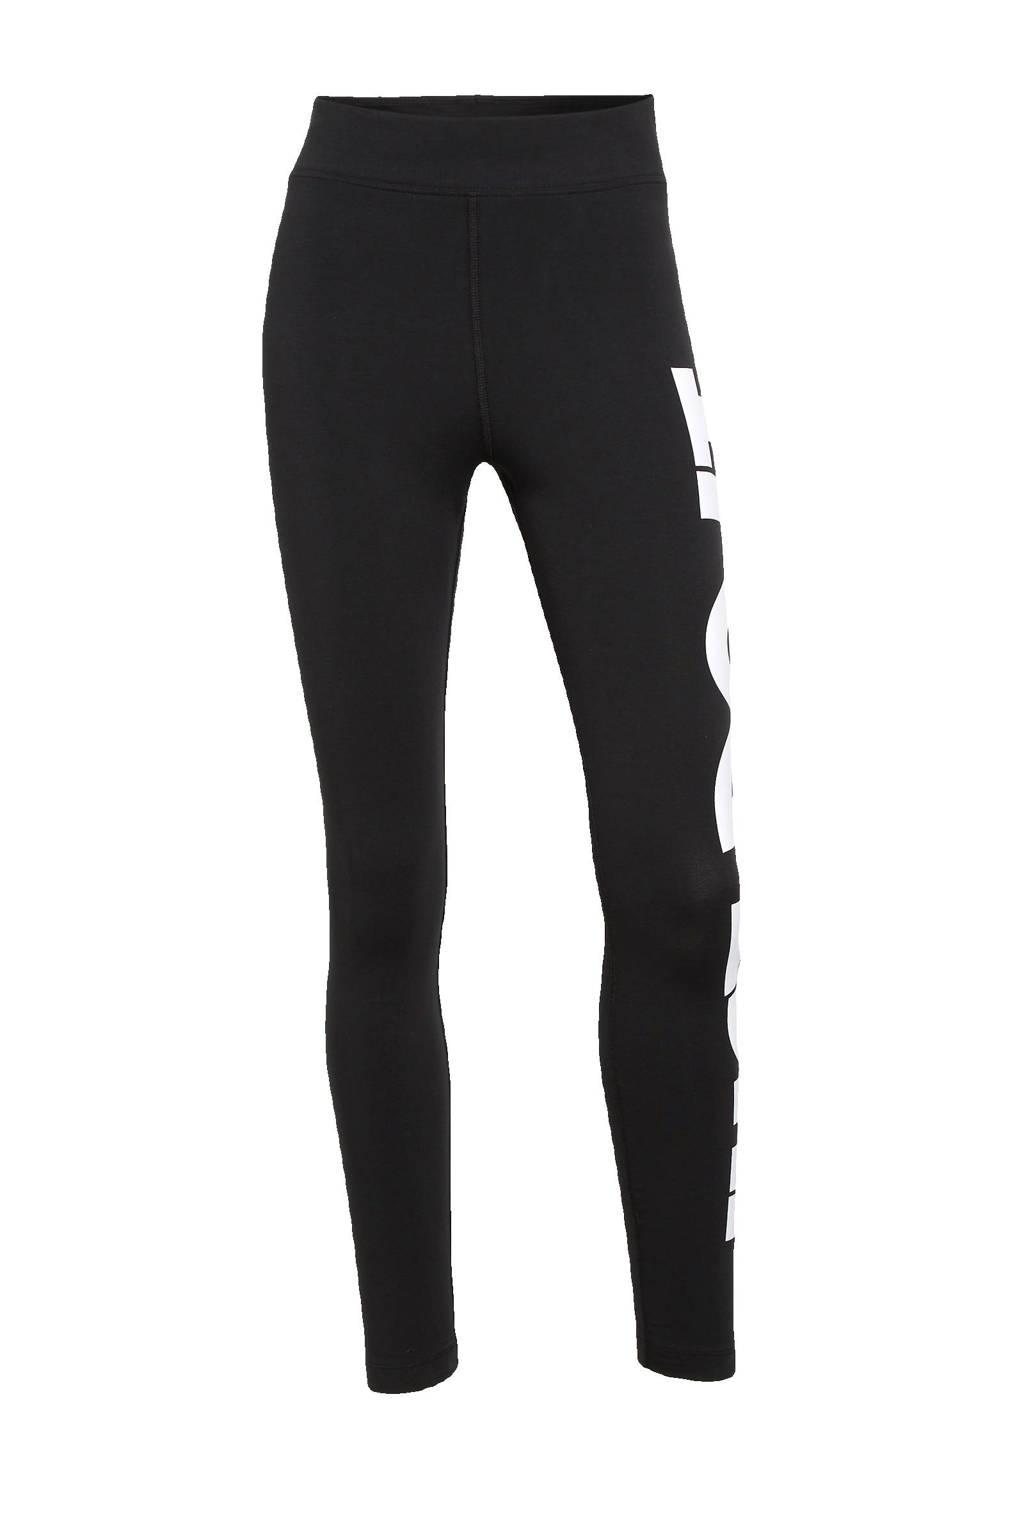 Nike legging zwart/wit, Zwart/wit